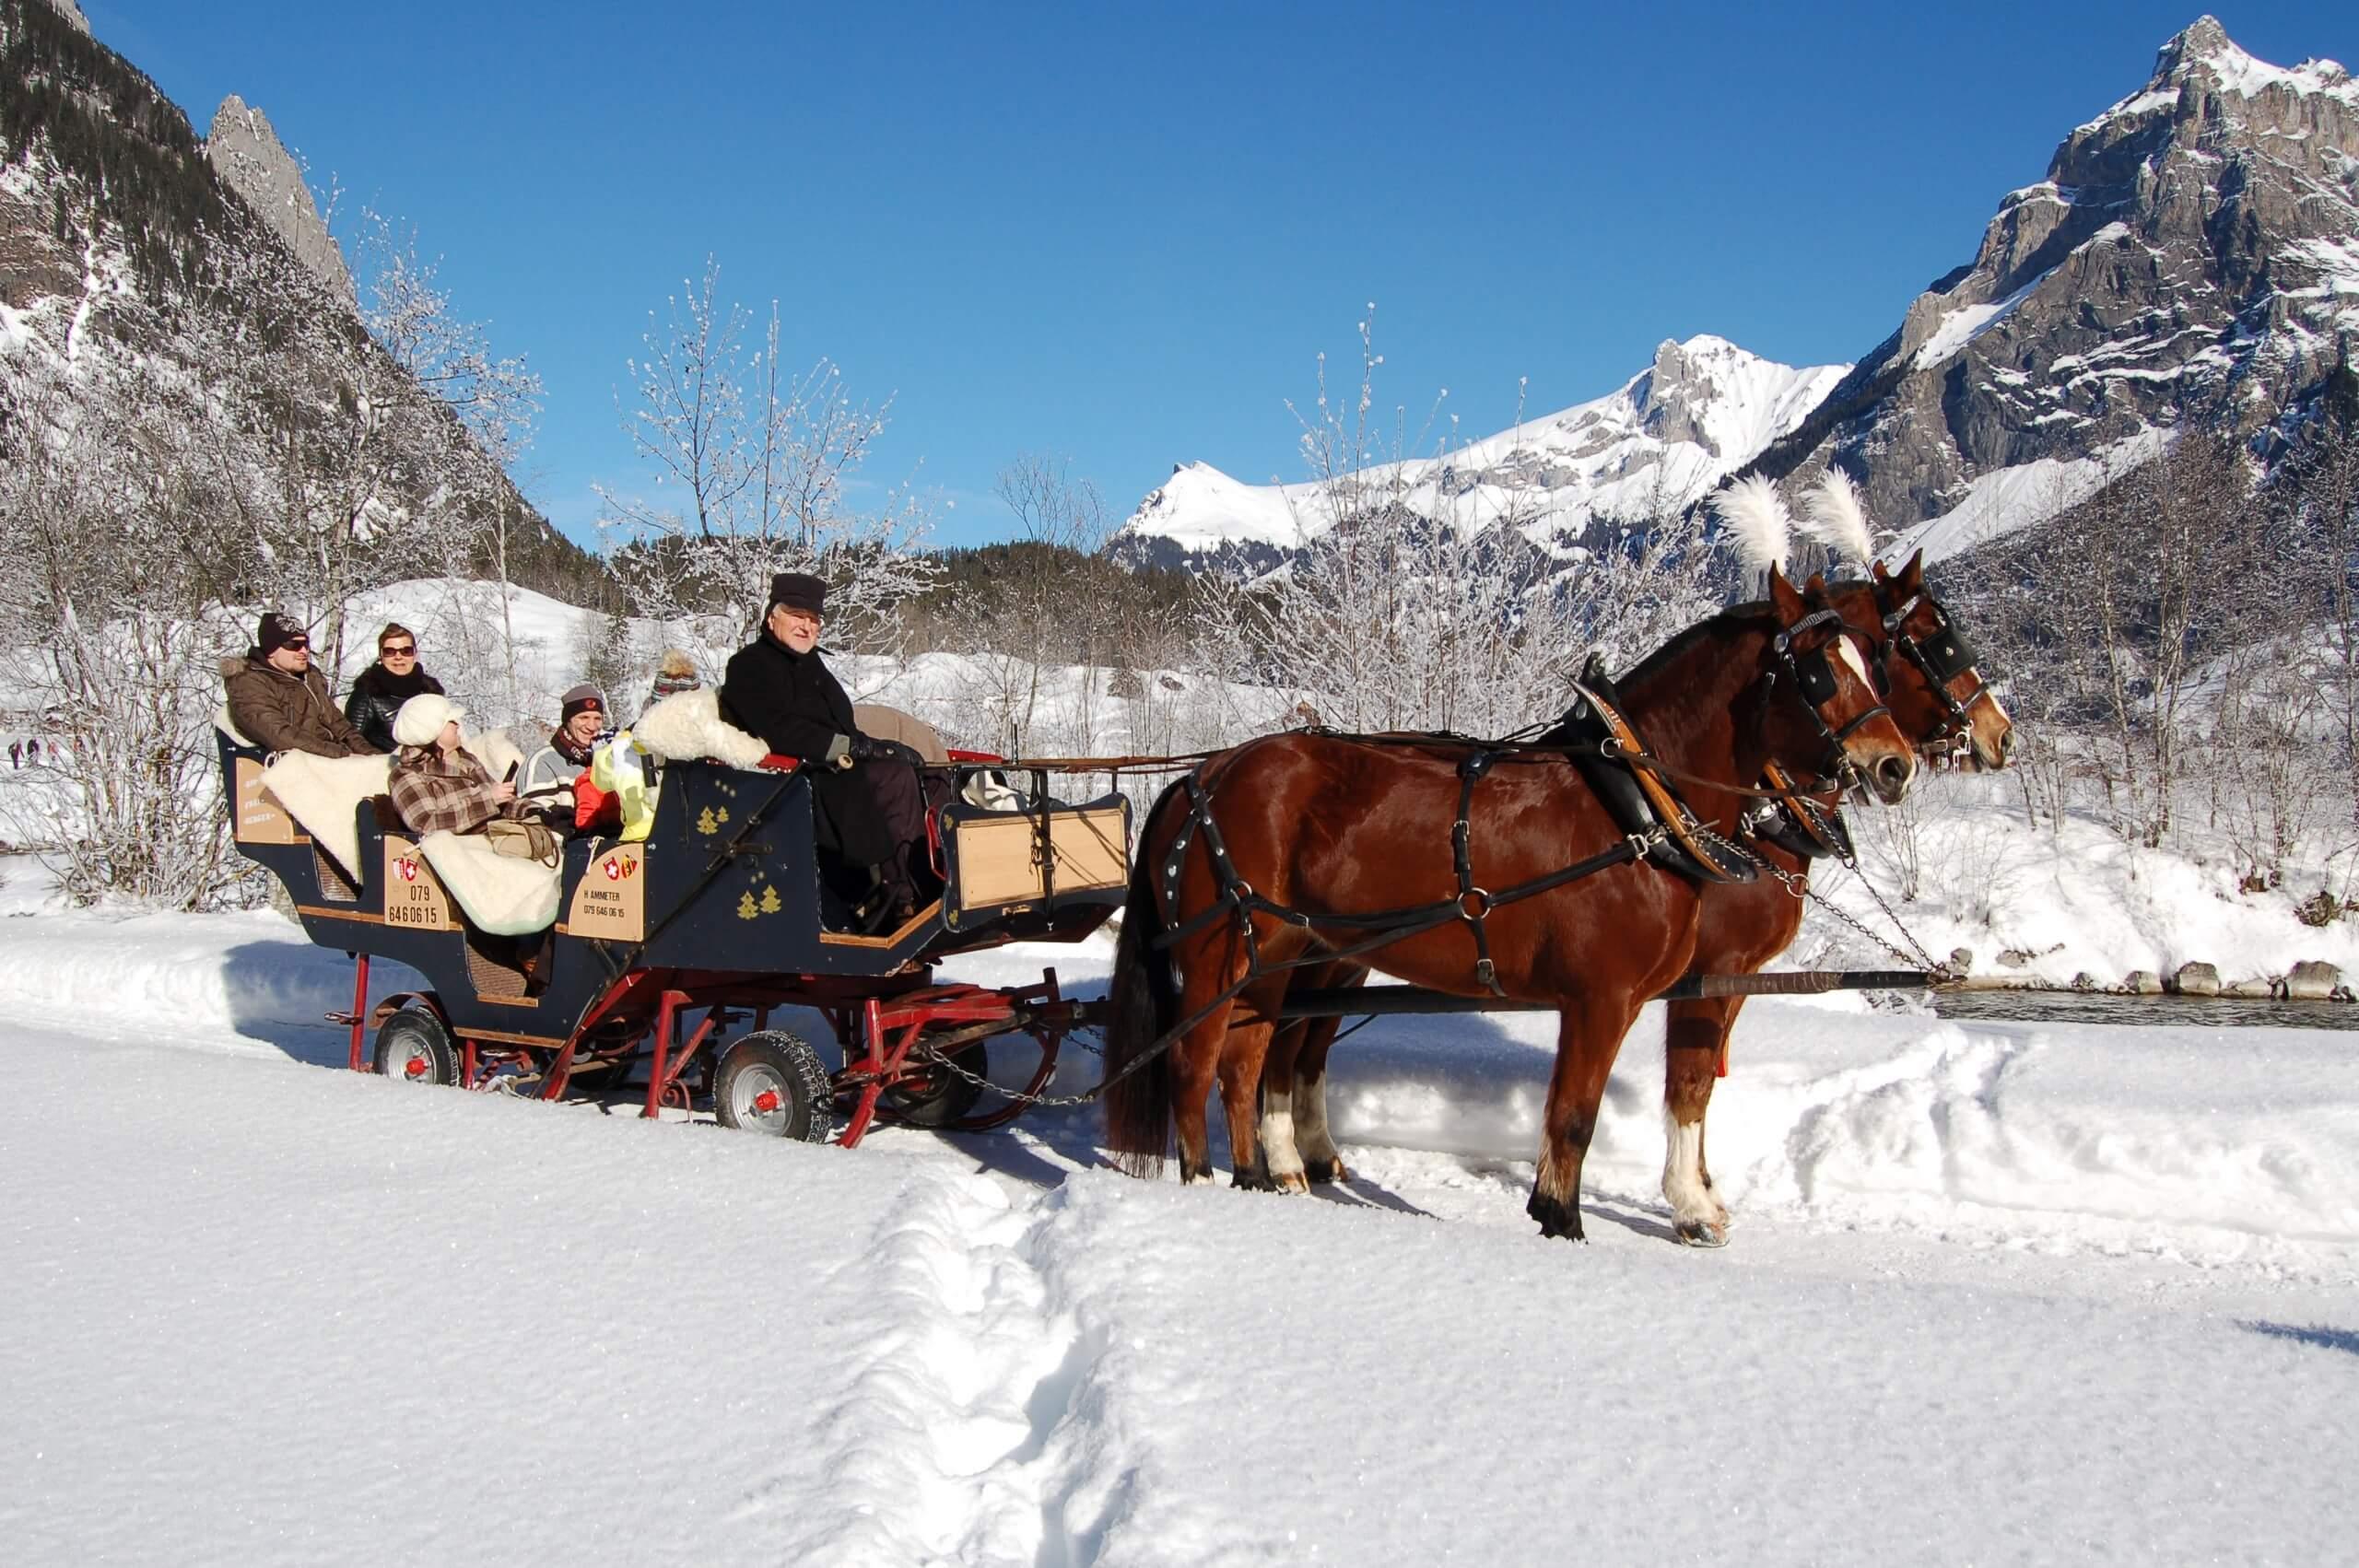 aeschi-kutschenfahrt-winter-schnee